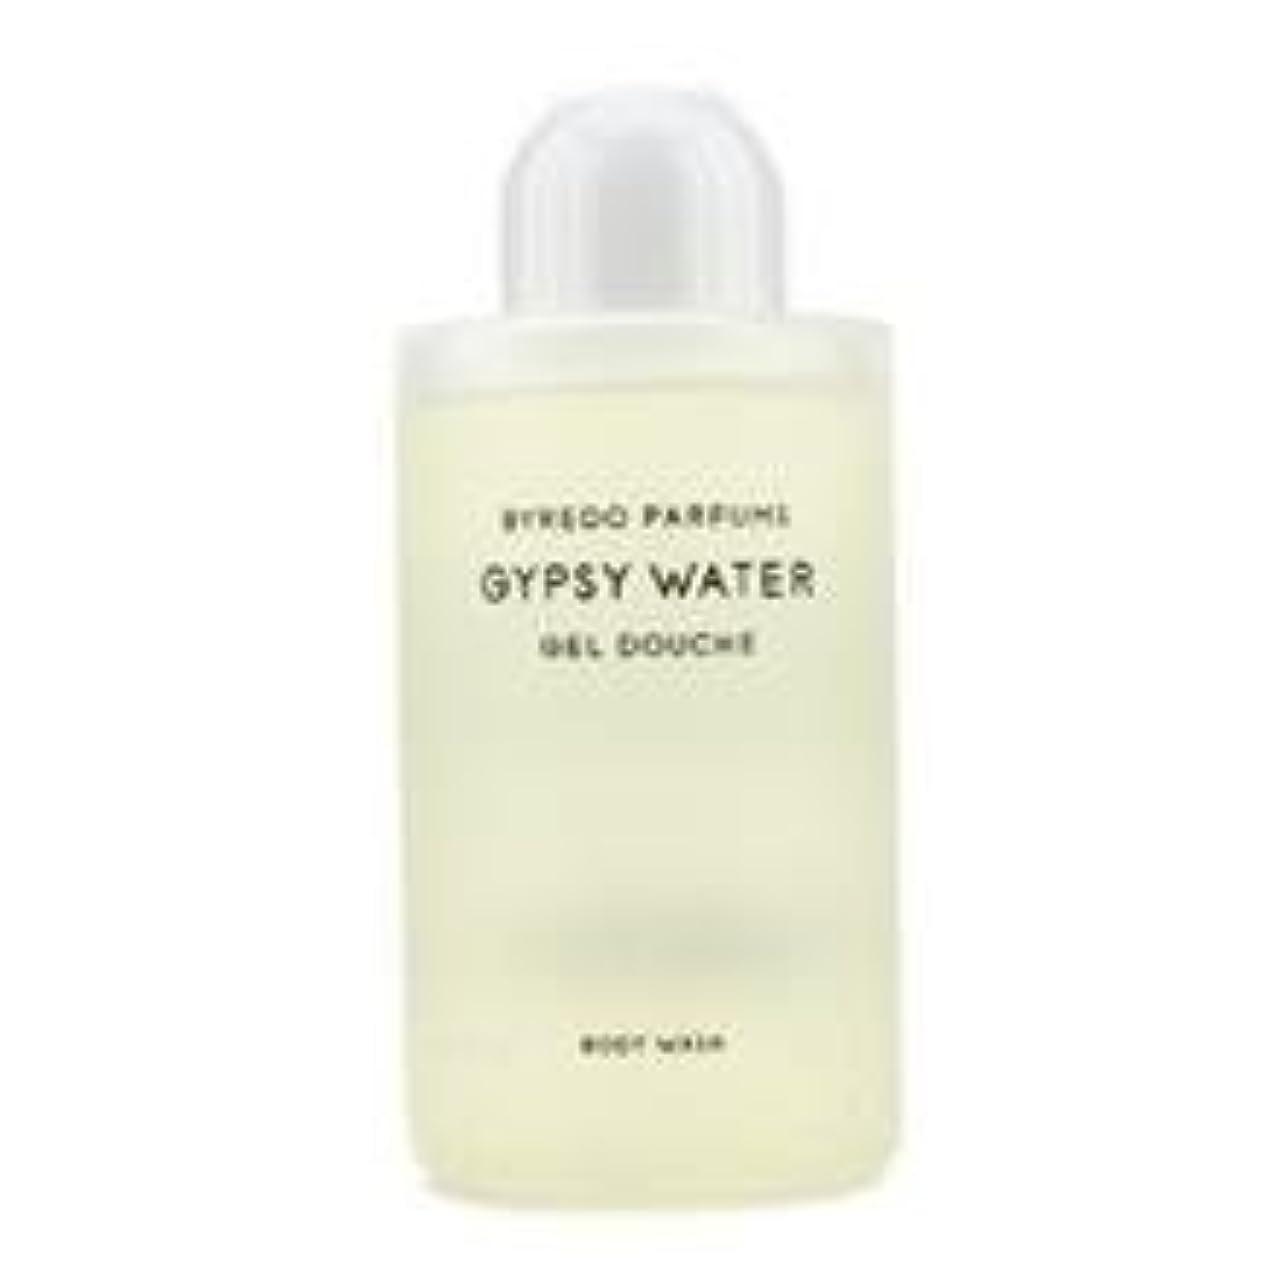 壁紙海藻過ちByredo Gypsy Water Body Wash 225ml/7.6oz by Byredo